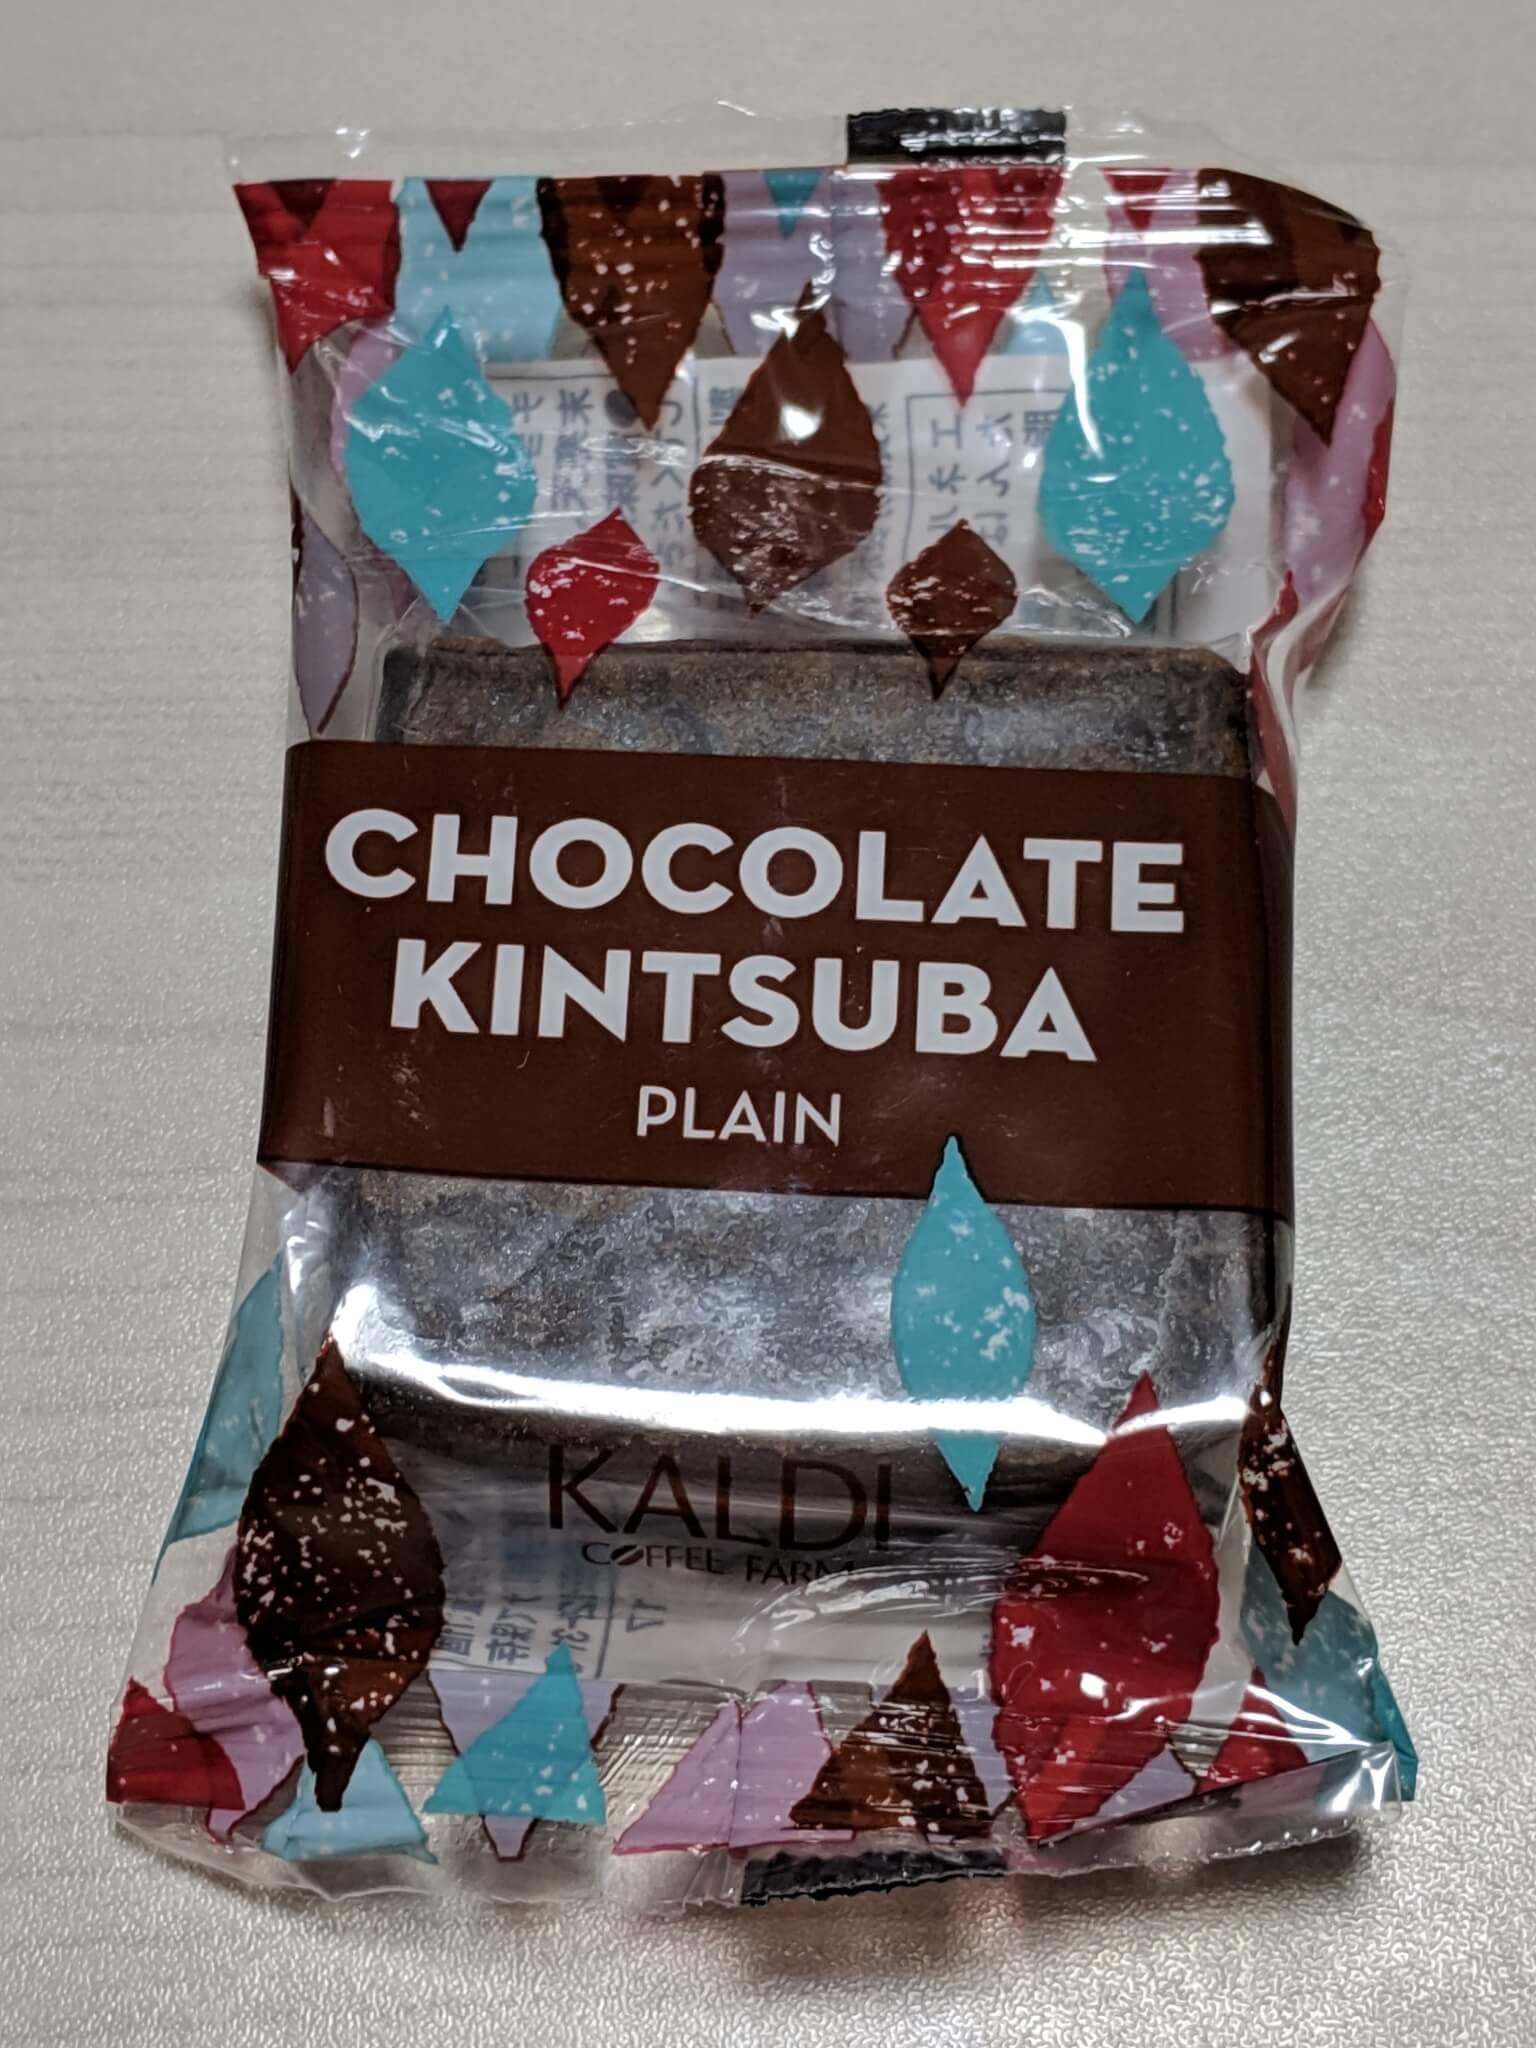 カルディのチョコレートきんつば